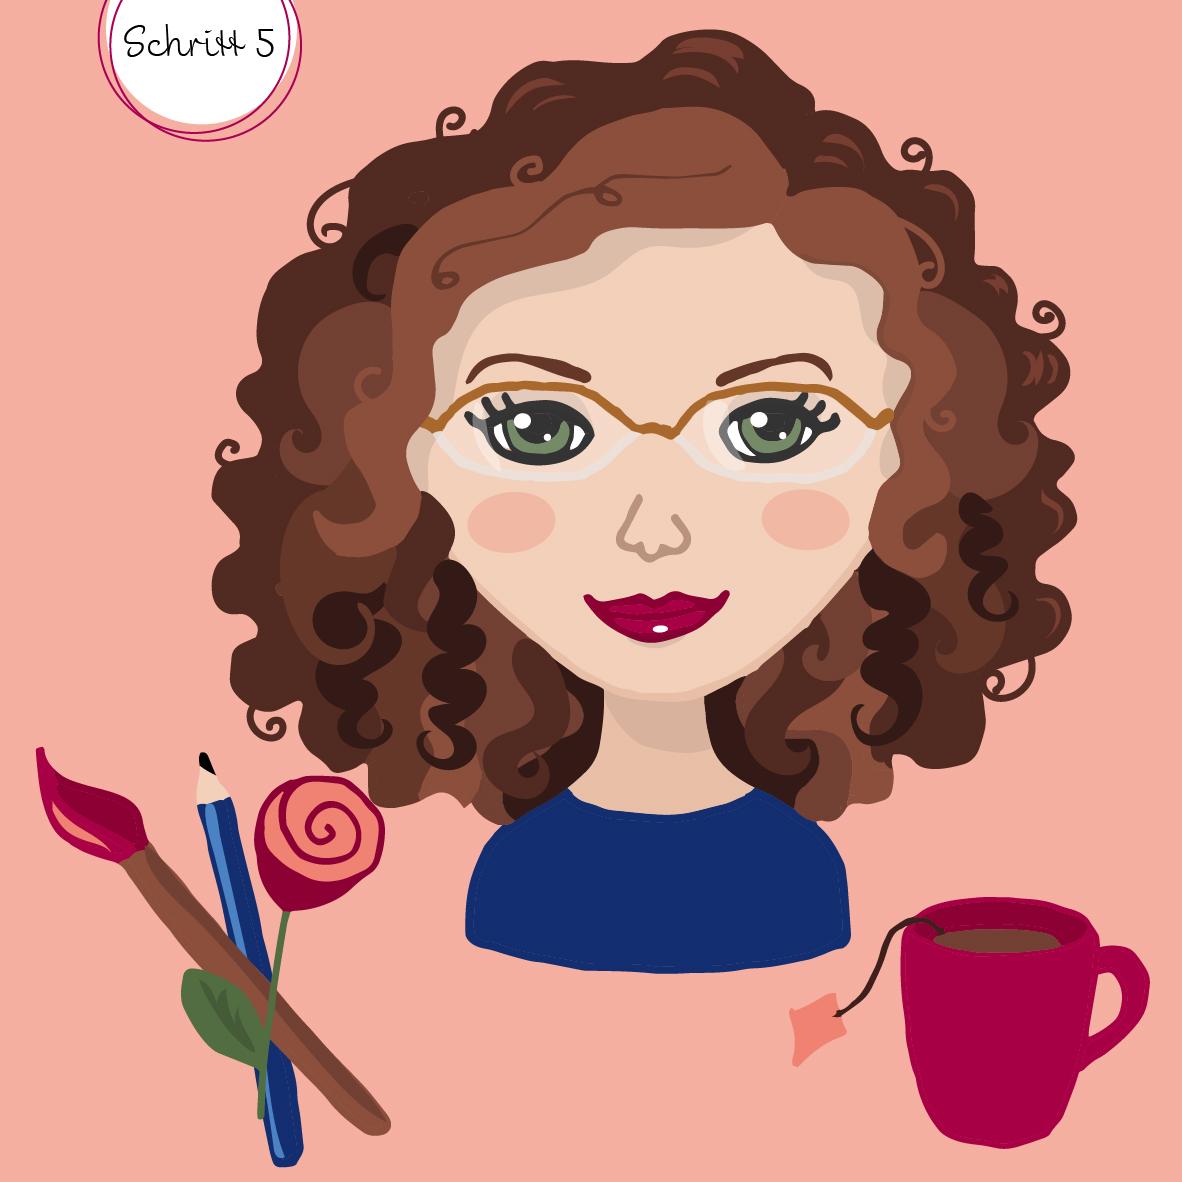 Portraitchallenge_Schritt5_100x100_Zeichenfläche 1_Zeichenfläche 1.jpg